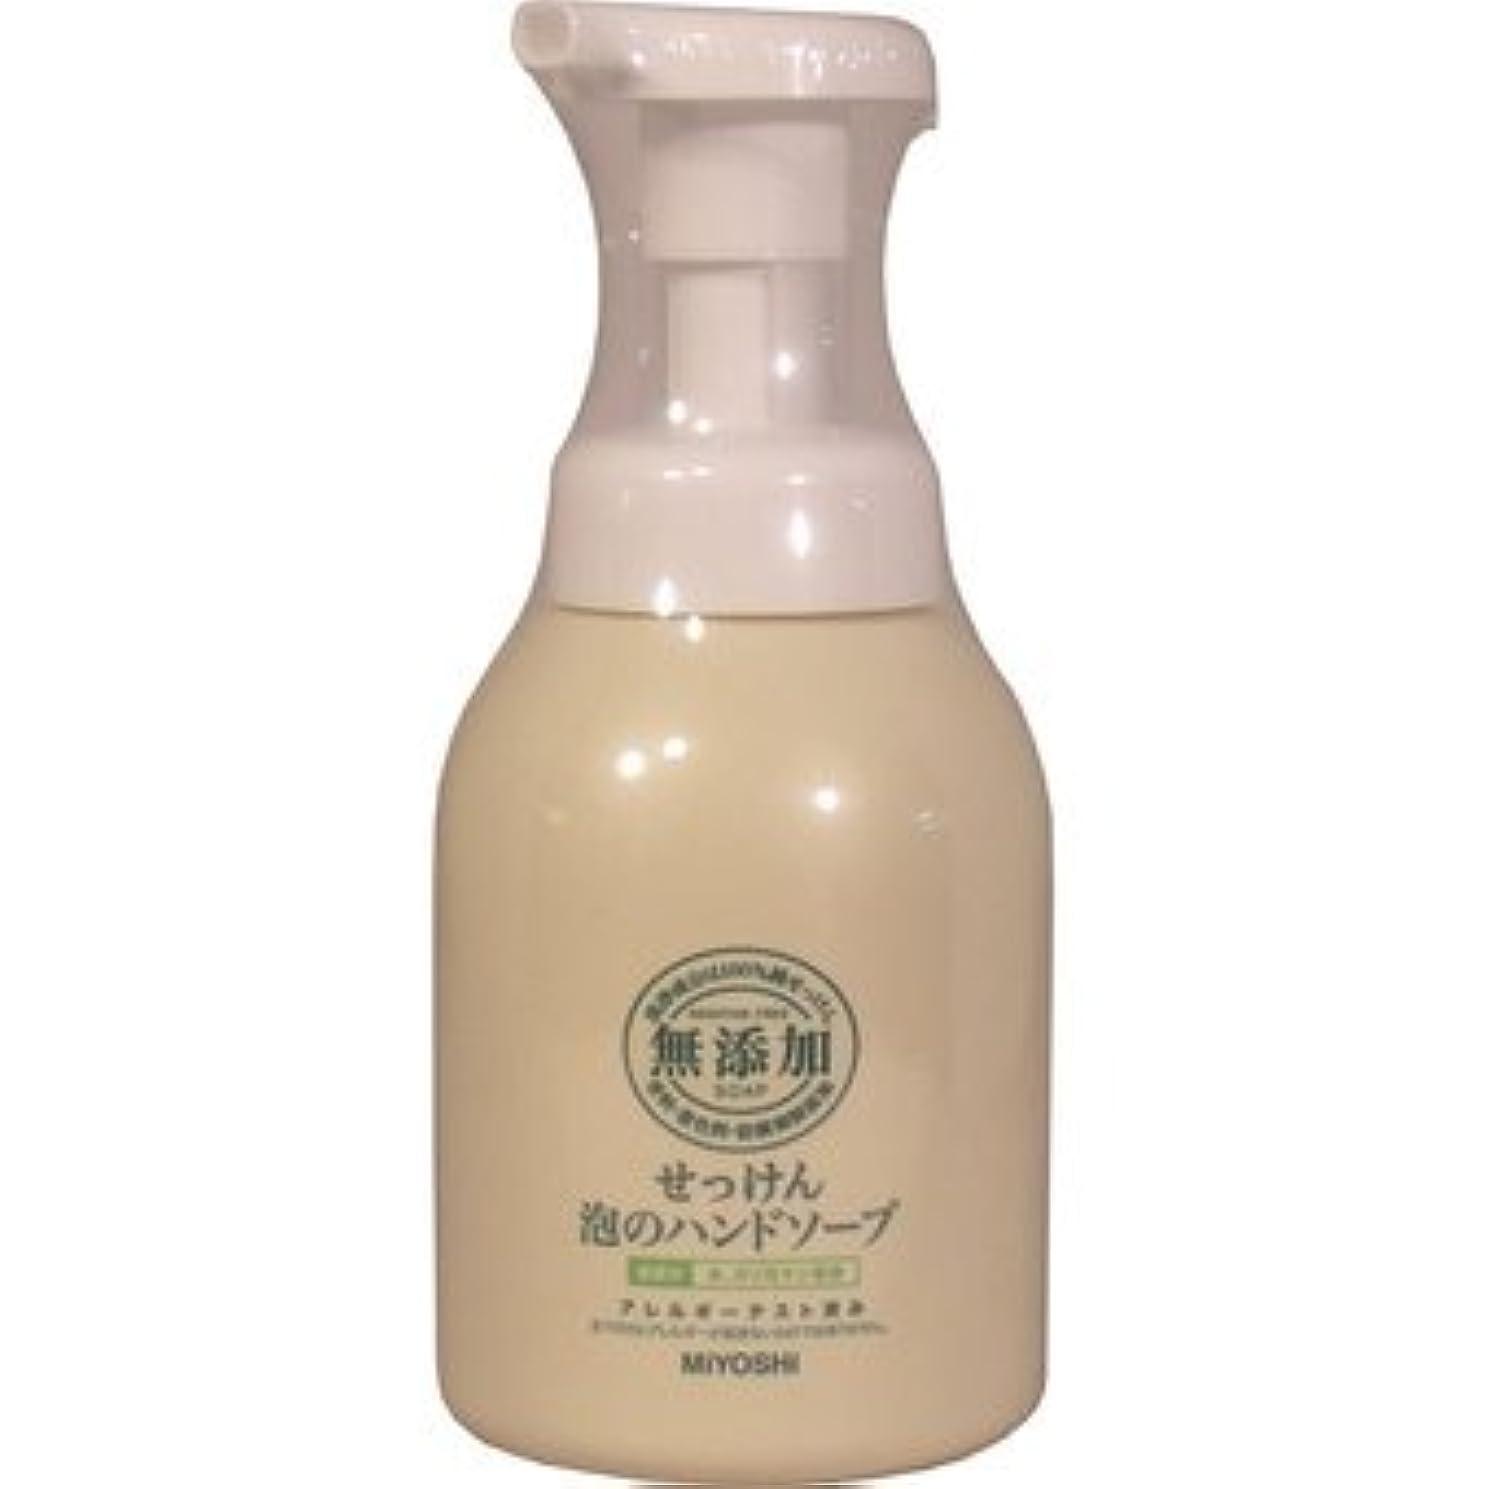 前件本気連続的ミヨシ石鹸 無添加 せっけん 泡のハンドソープ 250ml(無添加石鹸)×24点セット (4537130100677)